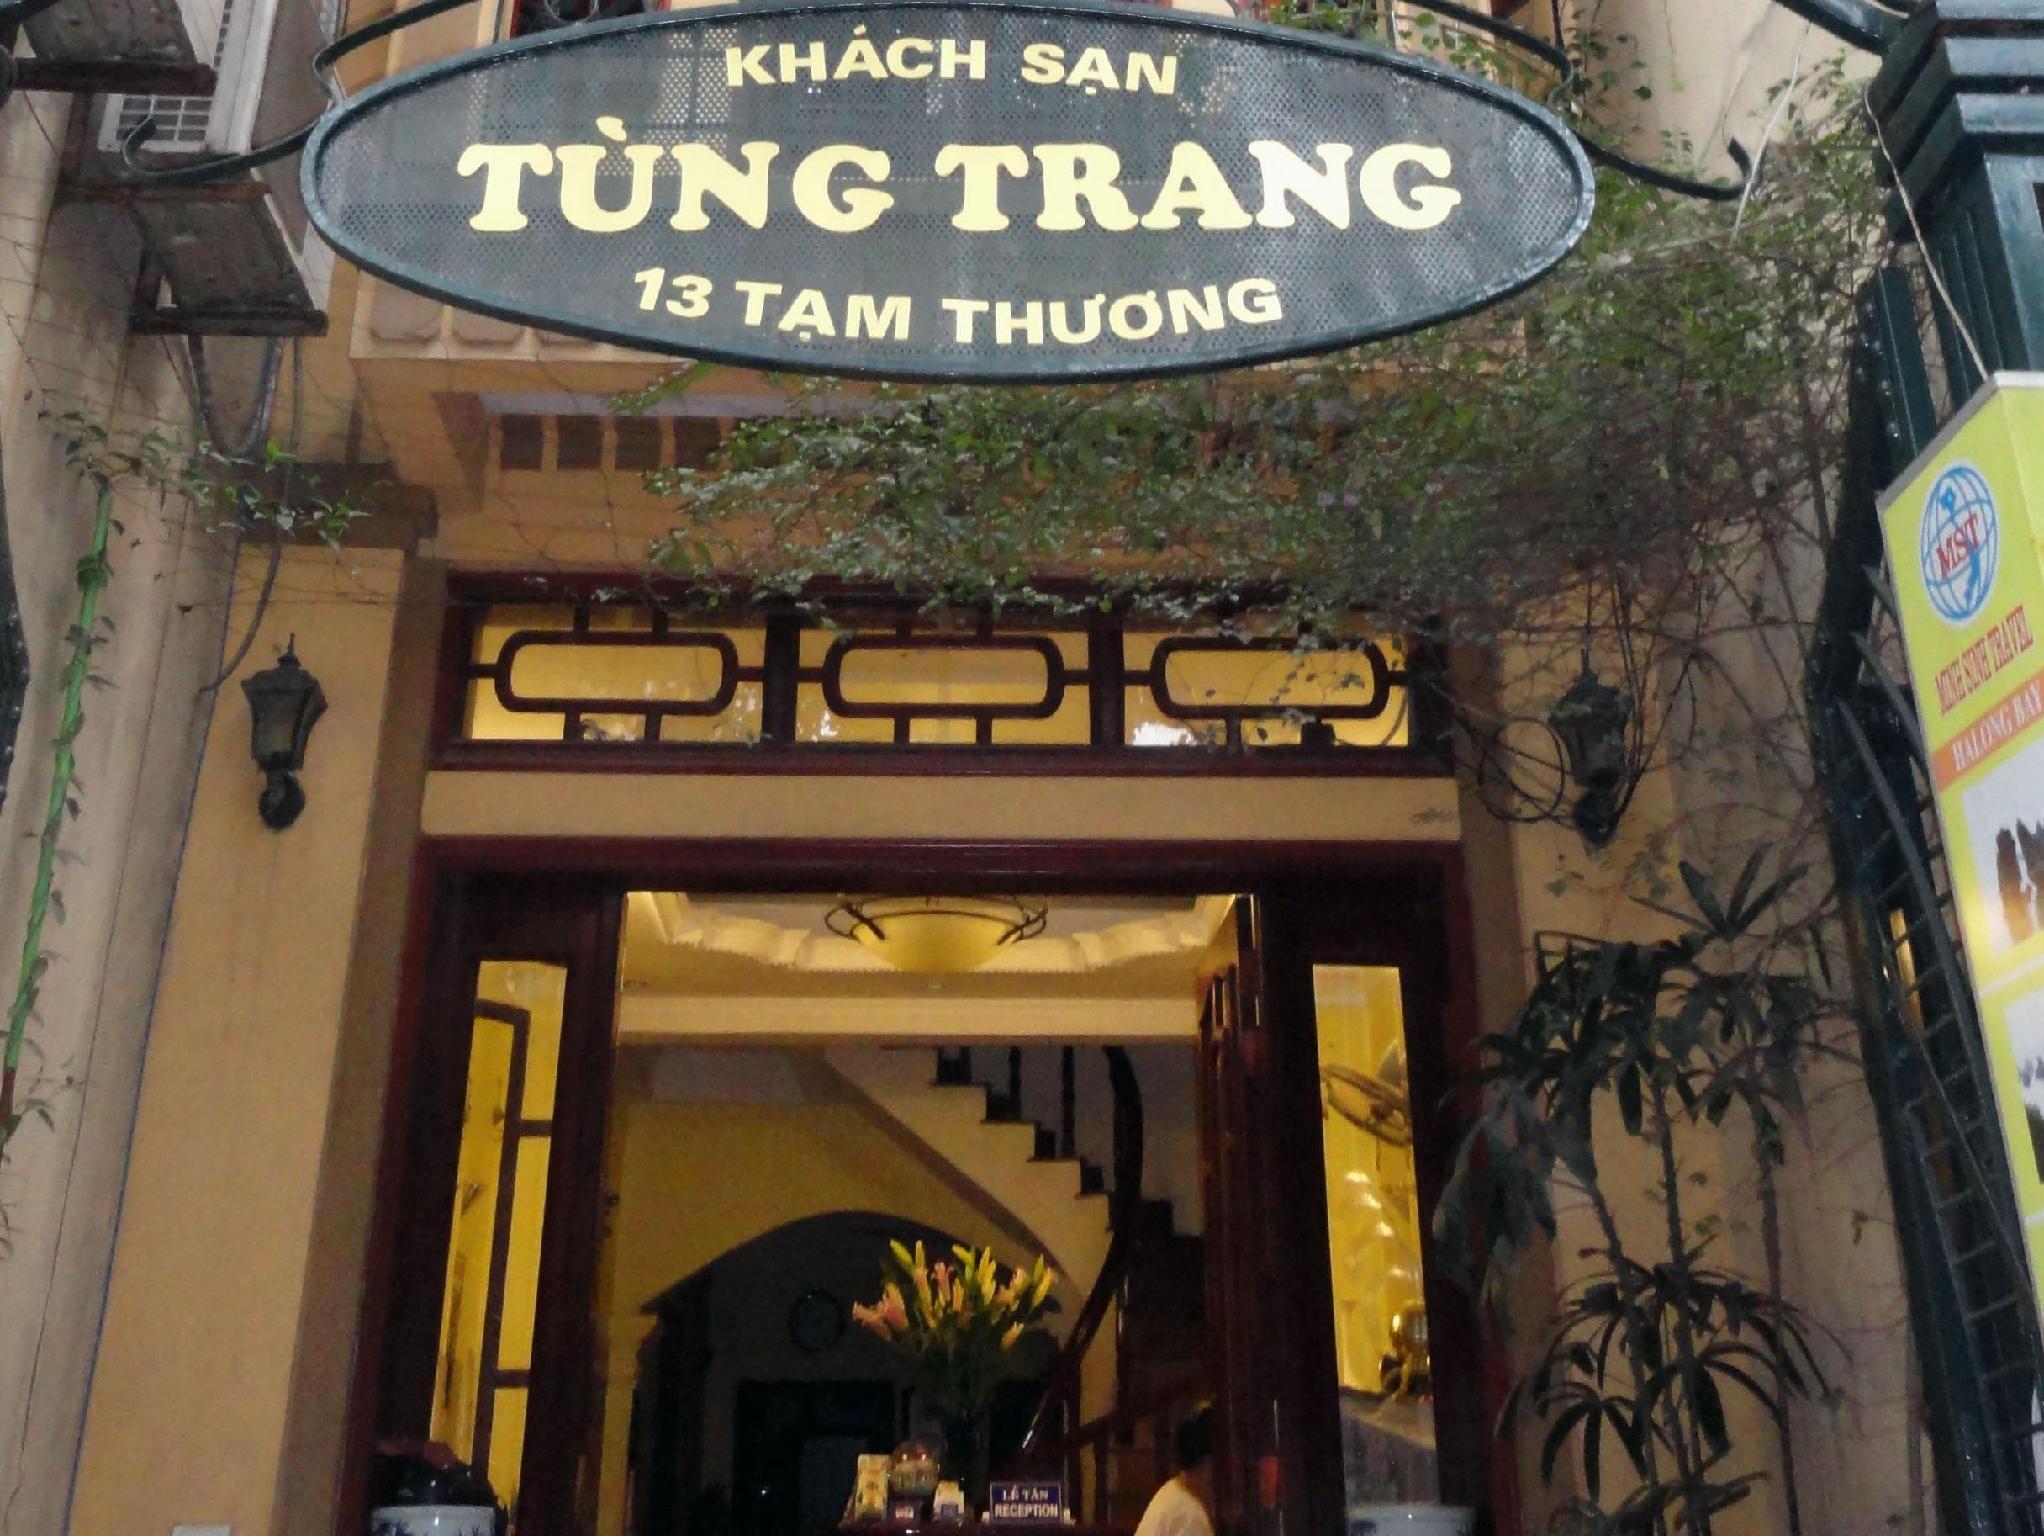 Tung Trang Hotel - Hotell och Boende i Vietnam , Hanoi